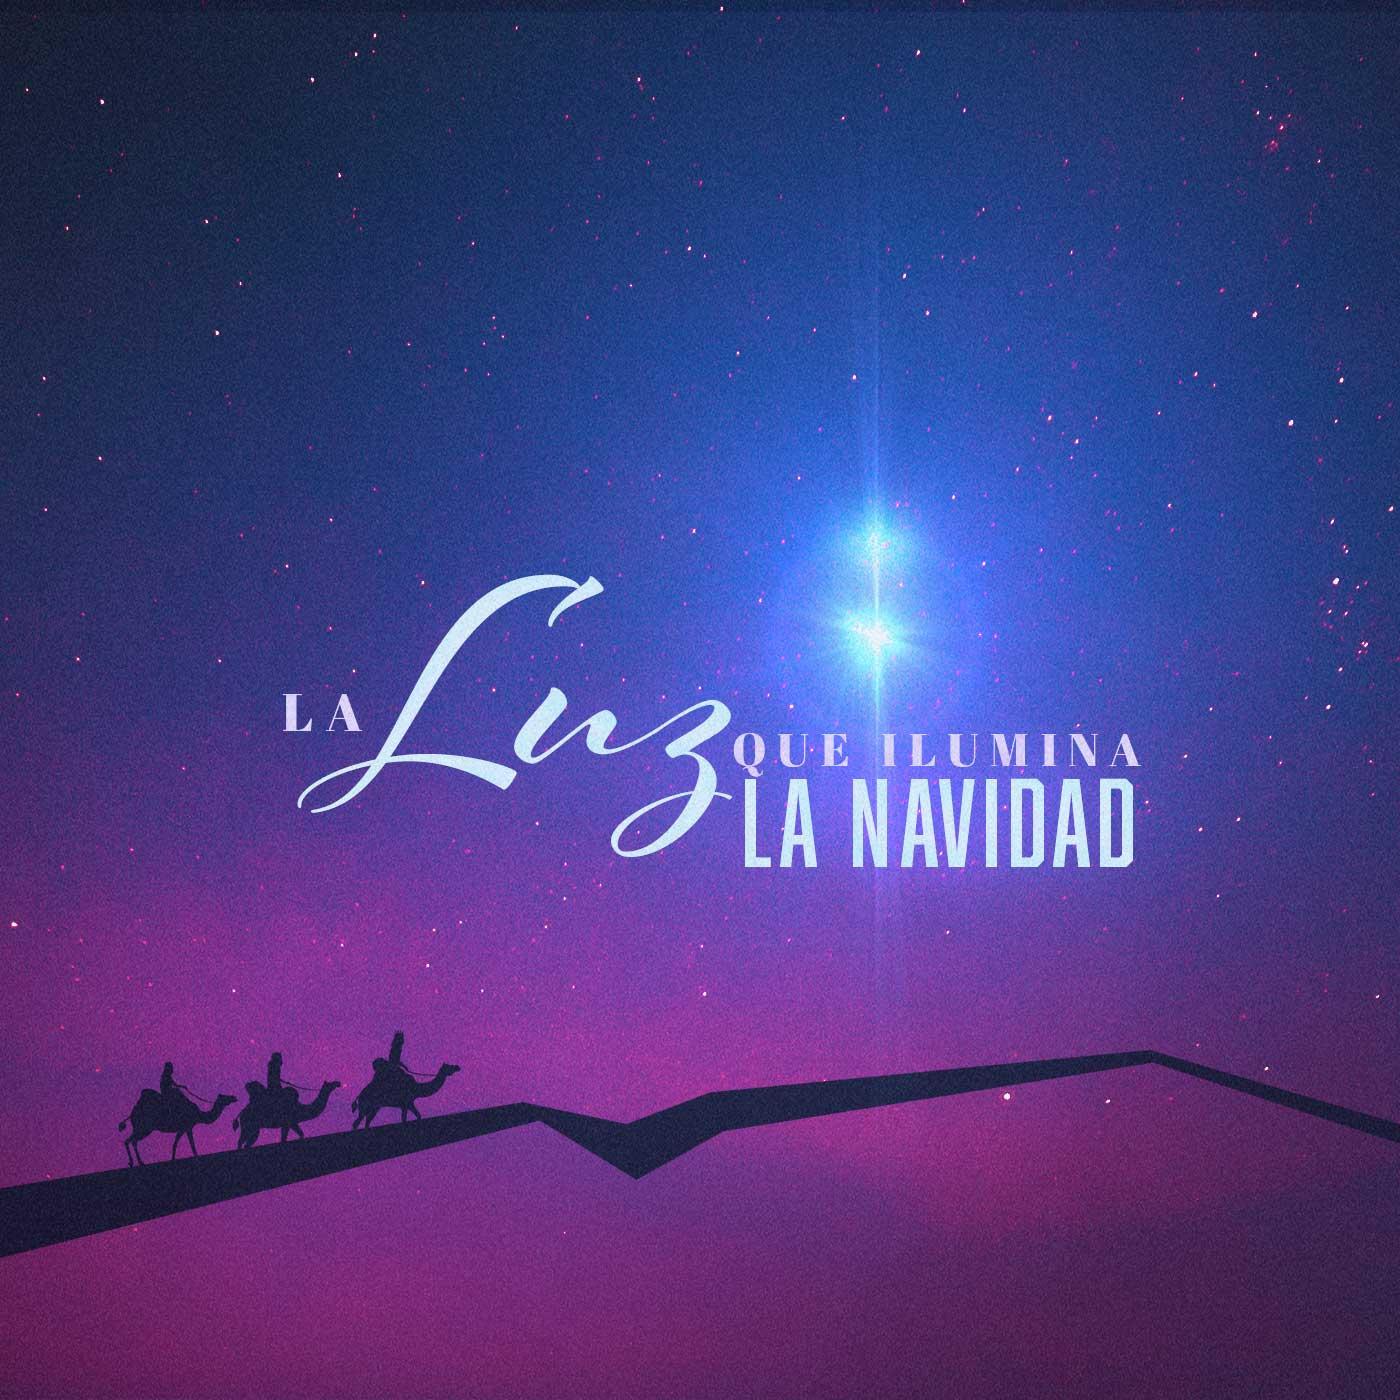 La Luz Que Ilumina la Navidad